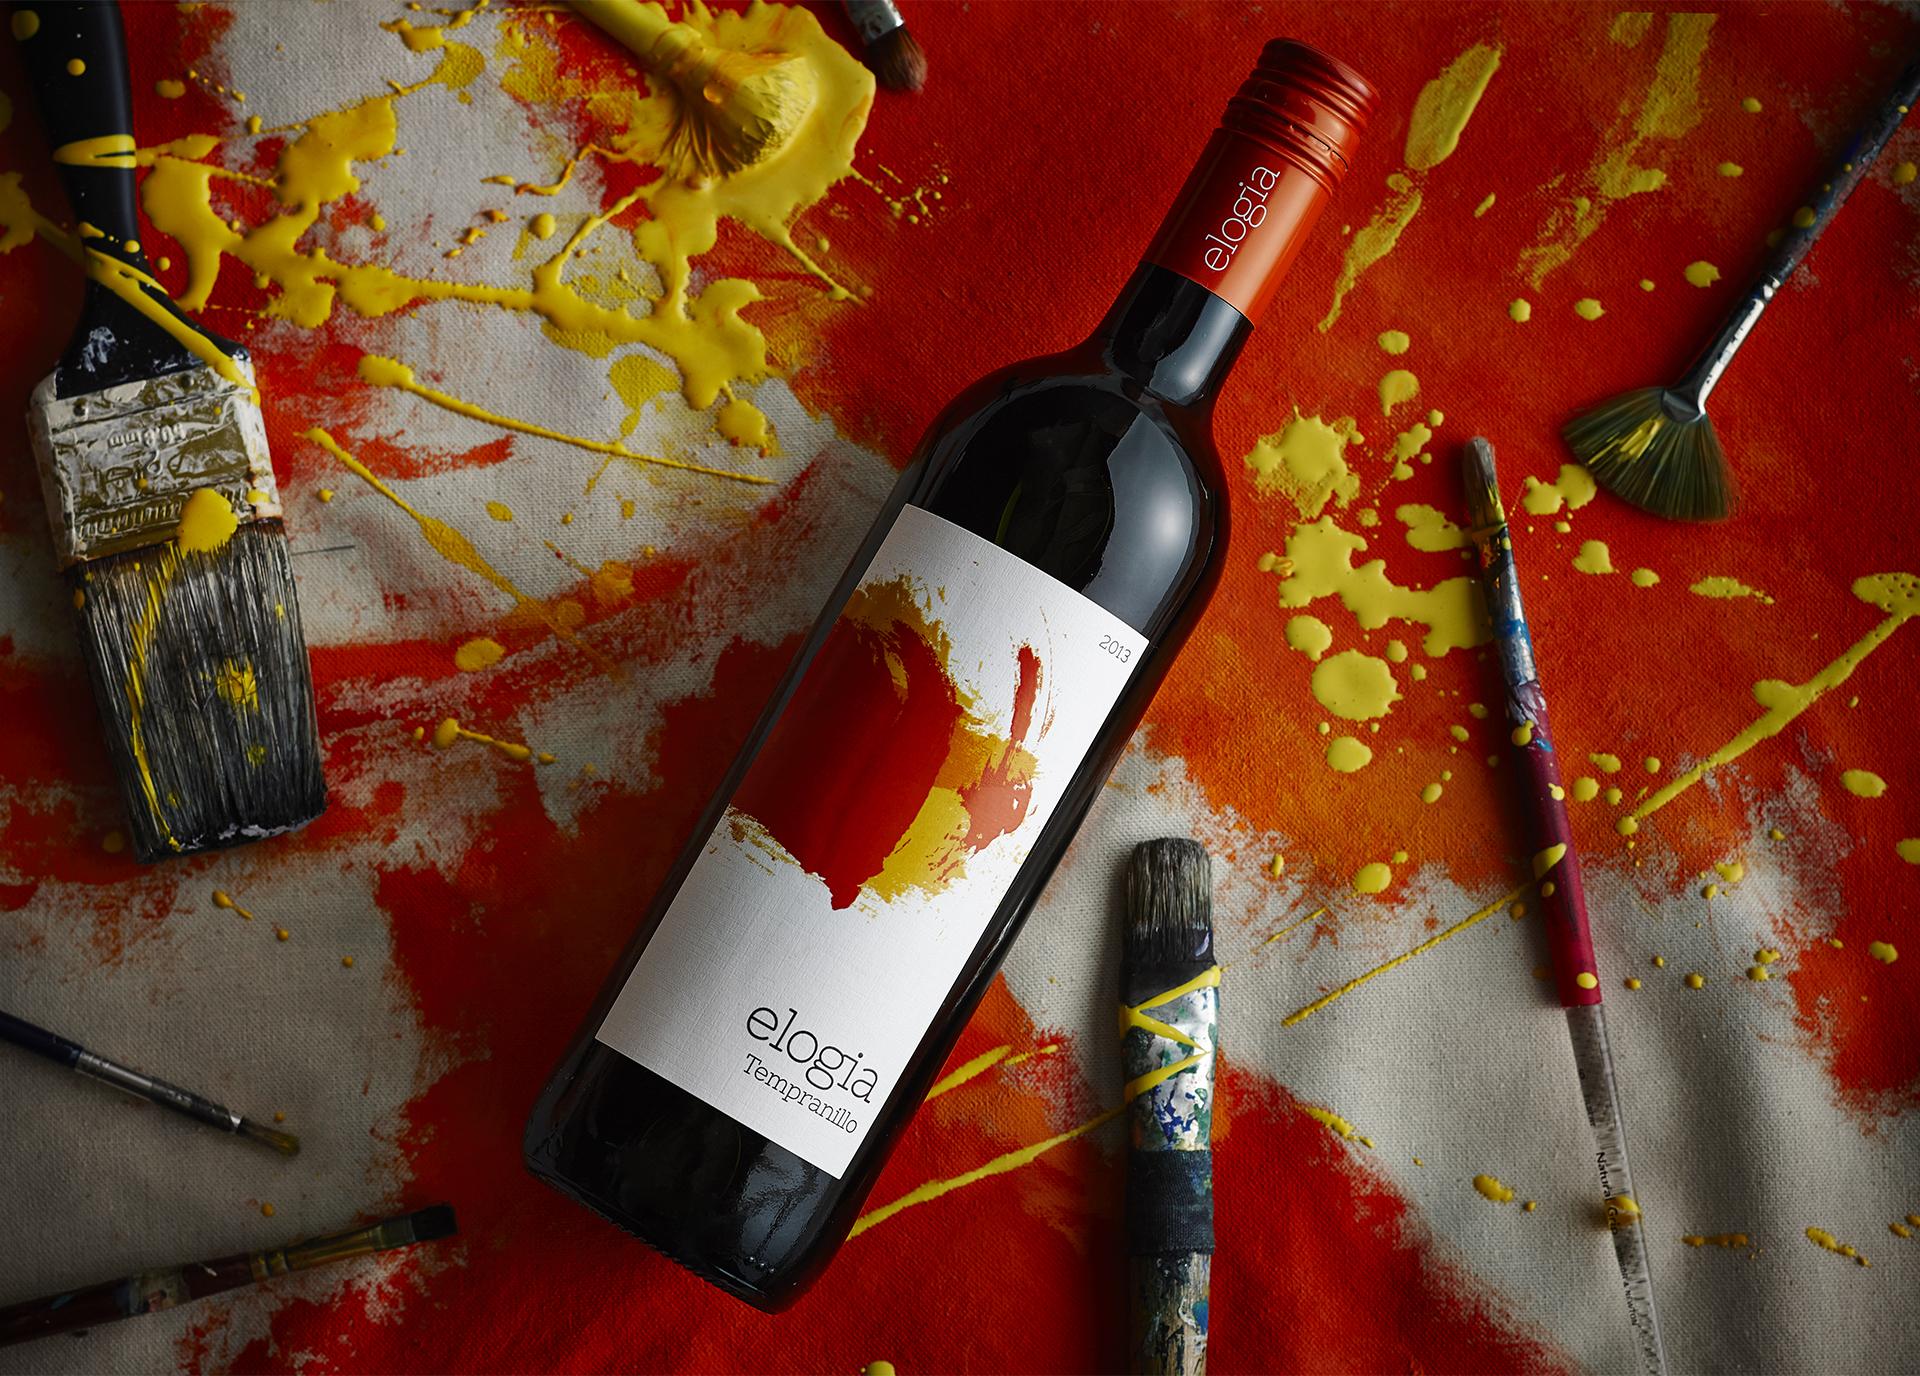 photographe-bouteilles-vin-saq-tango-photographie